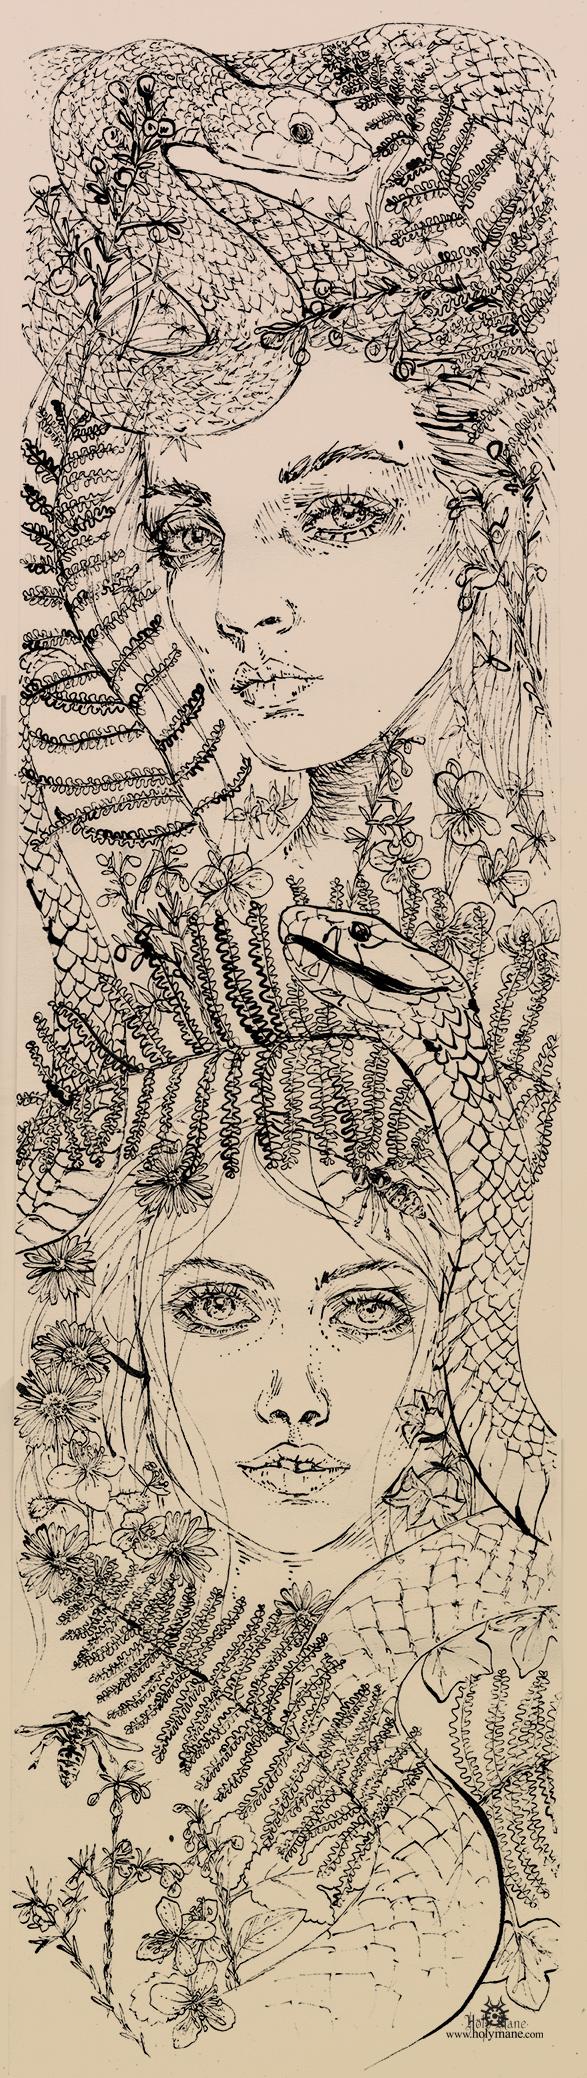 15-04_long-snake